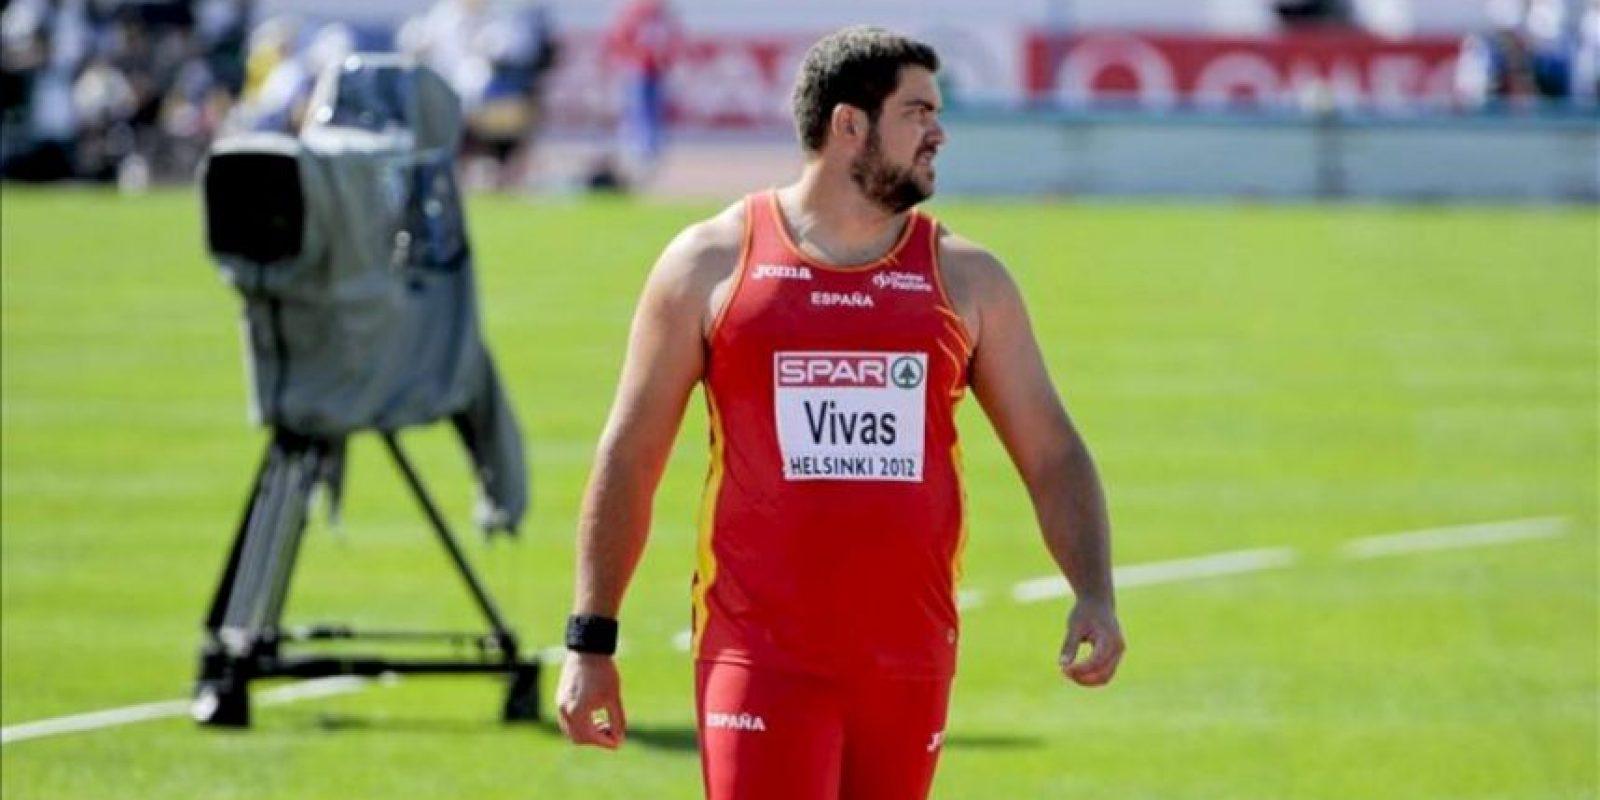 El atleta español Borja Vivas participa en la fase clasificatoria de la prueba de lanzamiento de peso de los Campeonatos de Europa de atletismo que se disputan en el Estadio Olímpico de Helsinki (Finlandia) hoy, miércoles 27 de junio de 2012. EFE